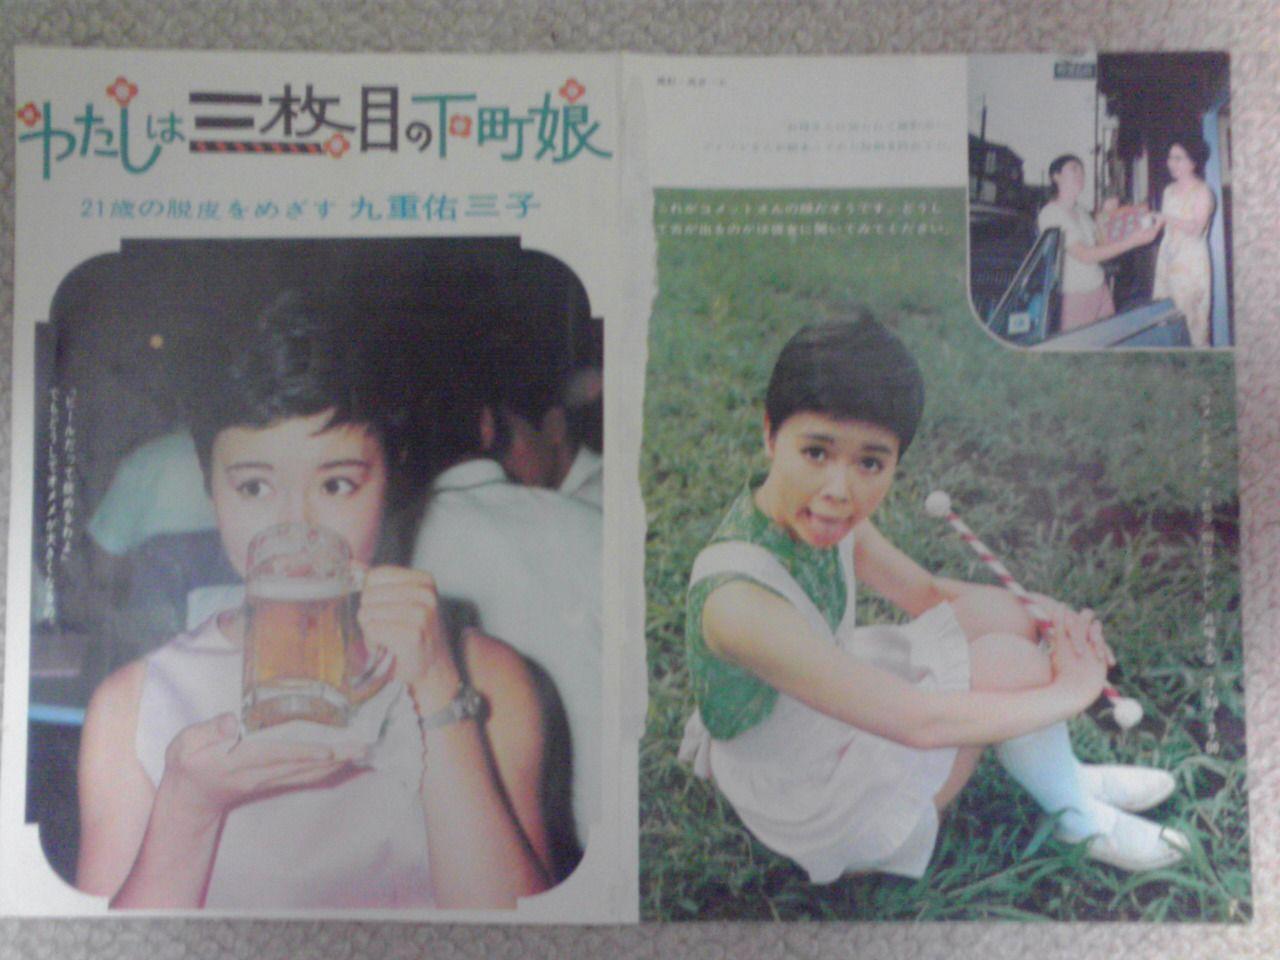 九重佑三子の初代「コメットさん」 ★本日『Senorita Cometa』メキシコ35年ぶり再放送開始と、『コメットさん』DVD-BO